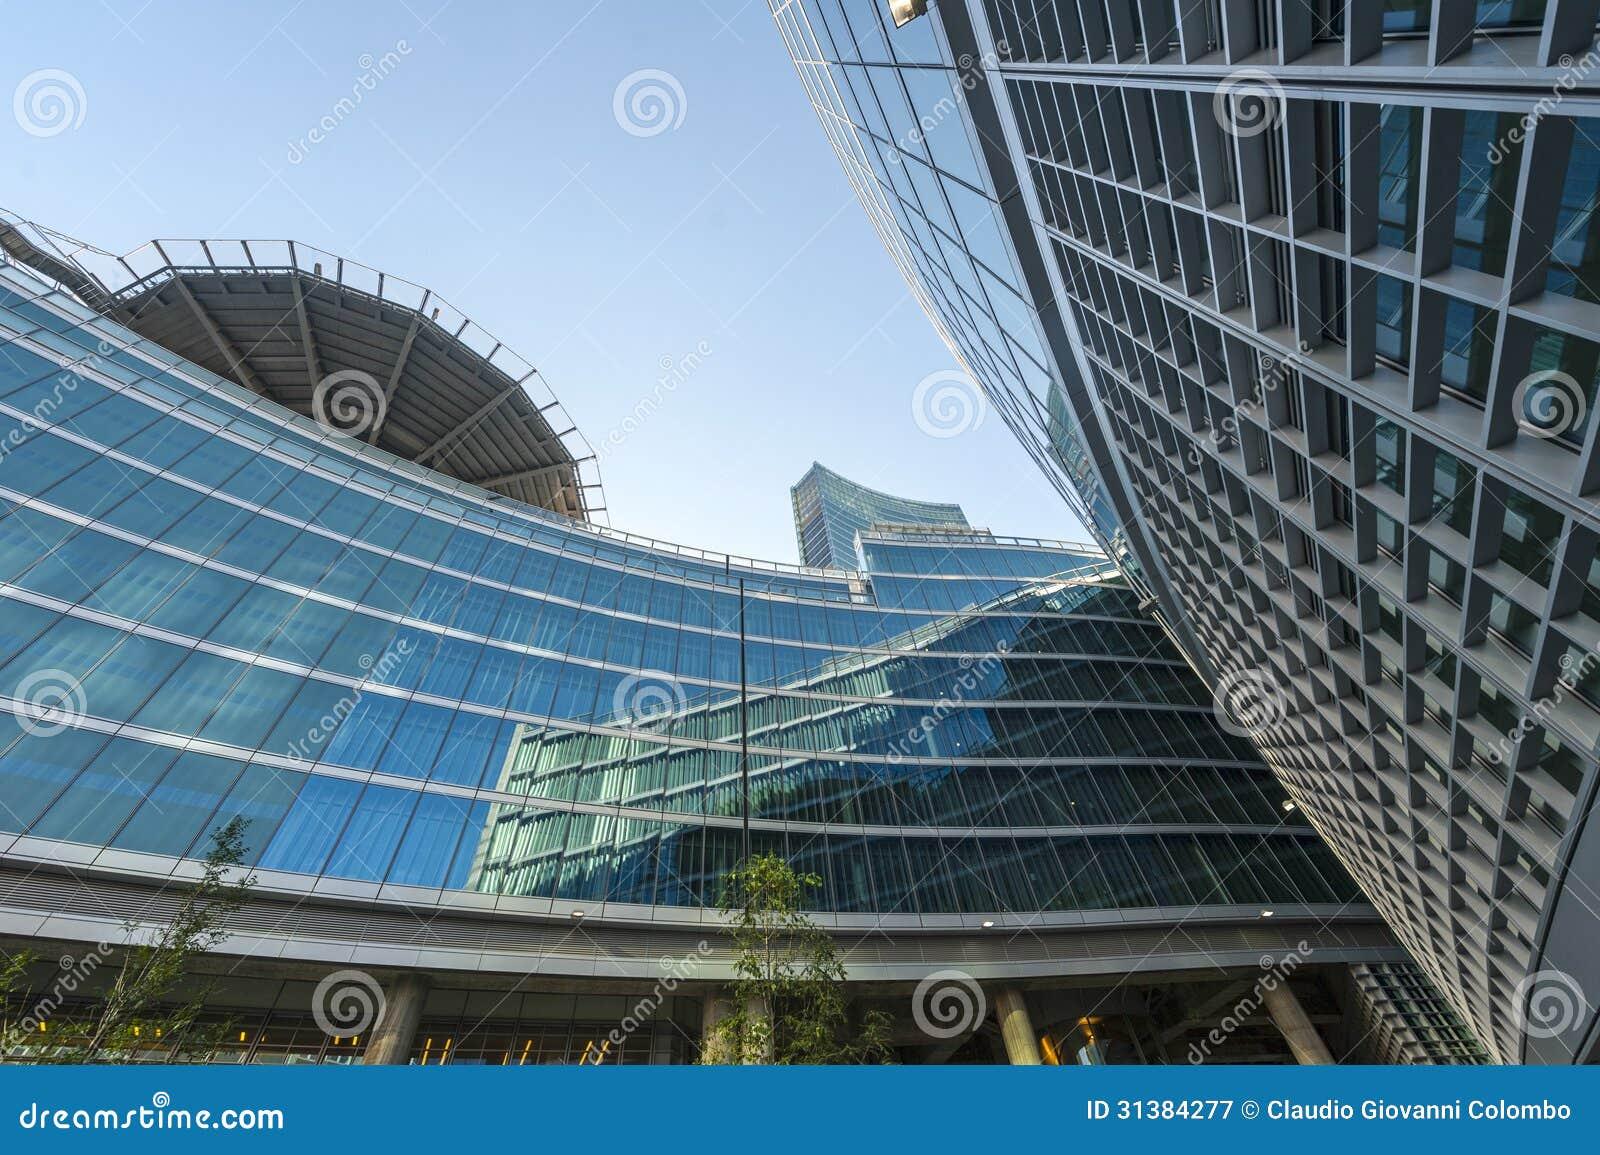 Edifici per uffici moderni a milano italia immagine for Uffici moderni